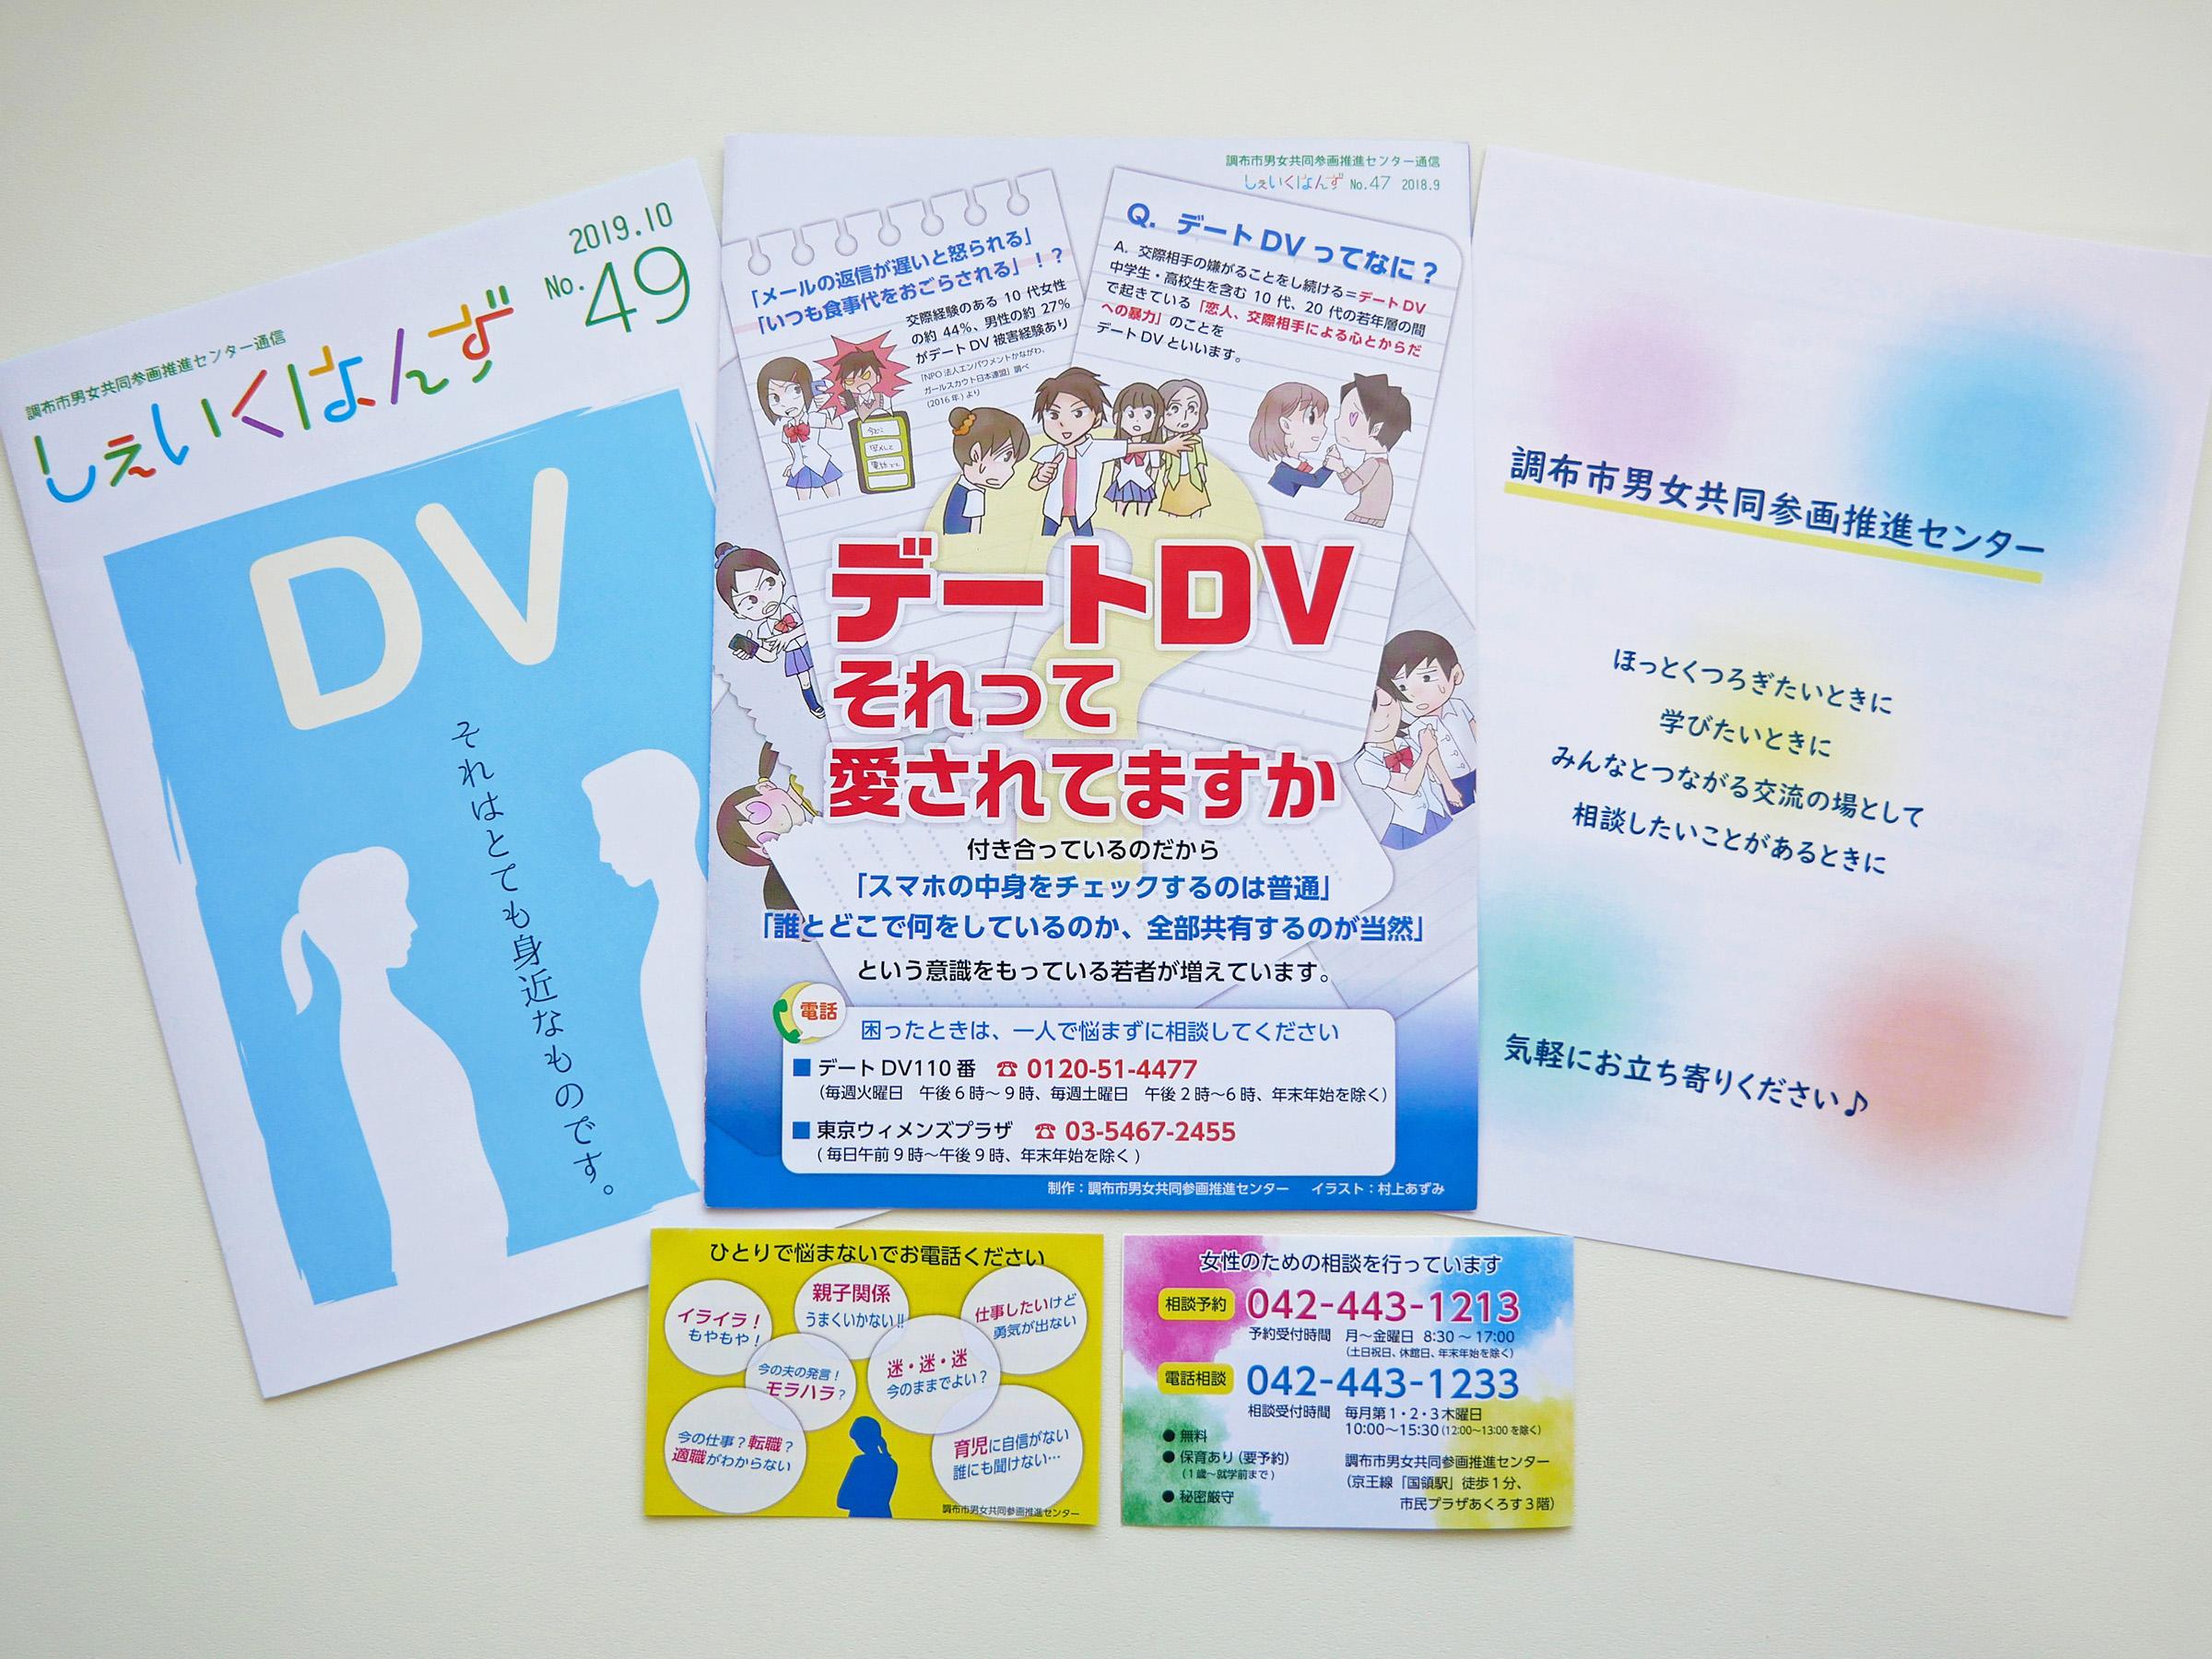 DVやデートDVについての冊子やDV相談先のカードなど